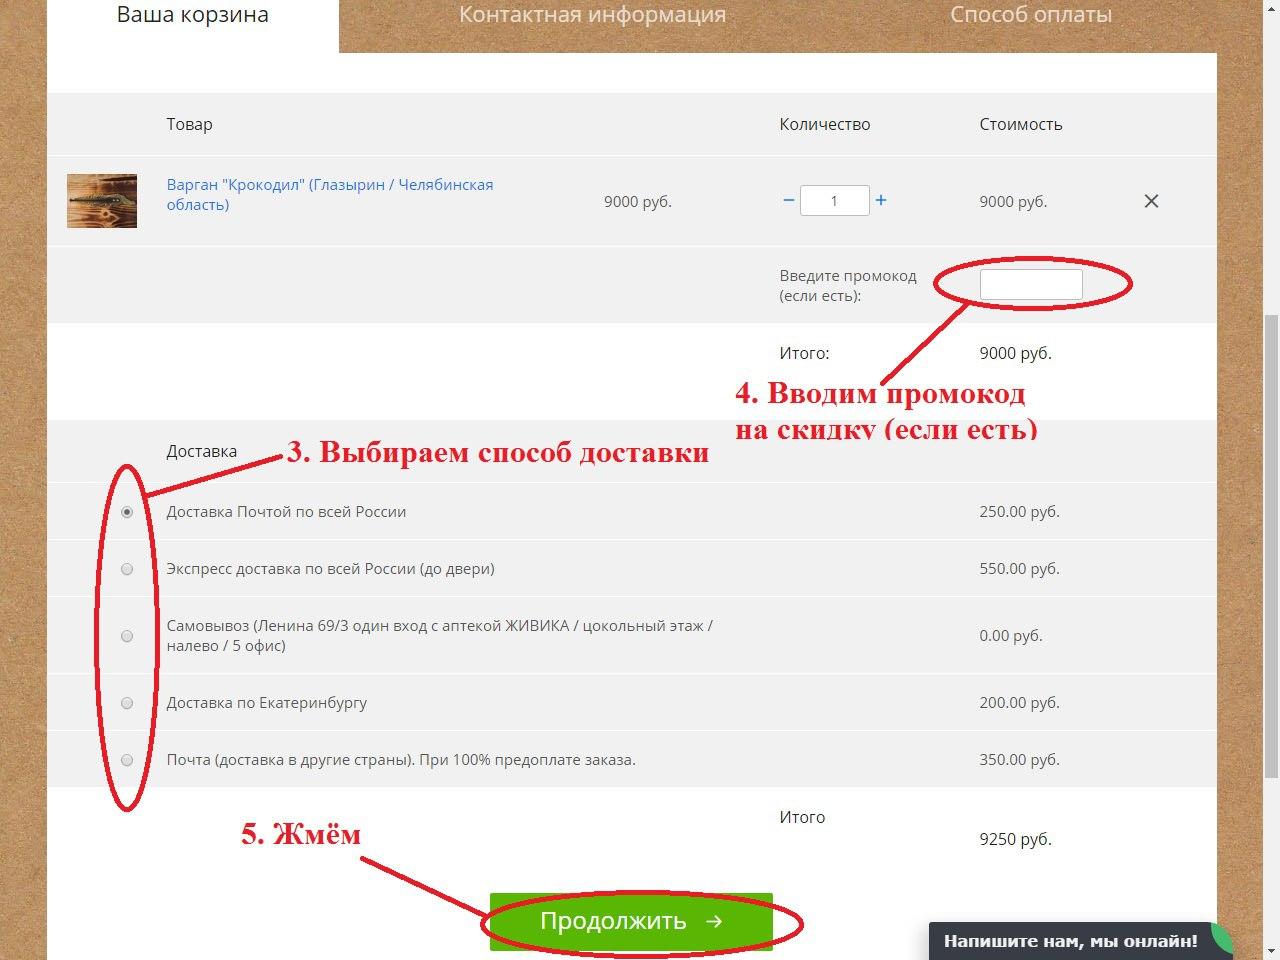 официальный сайт как ввести промокод на азино 777